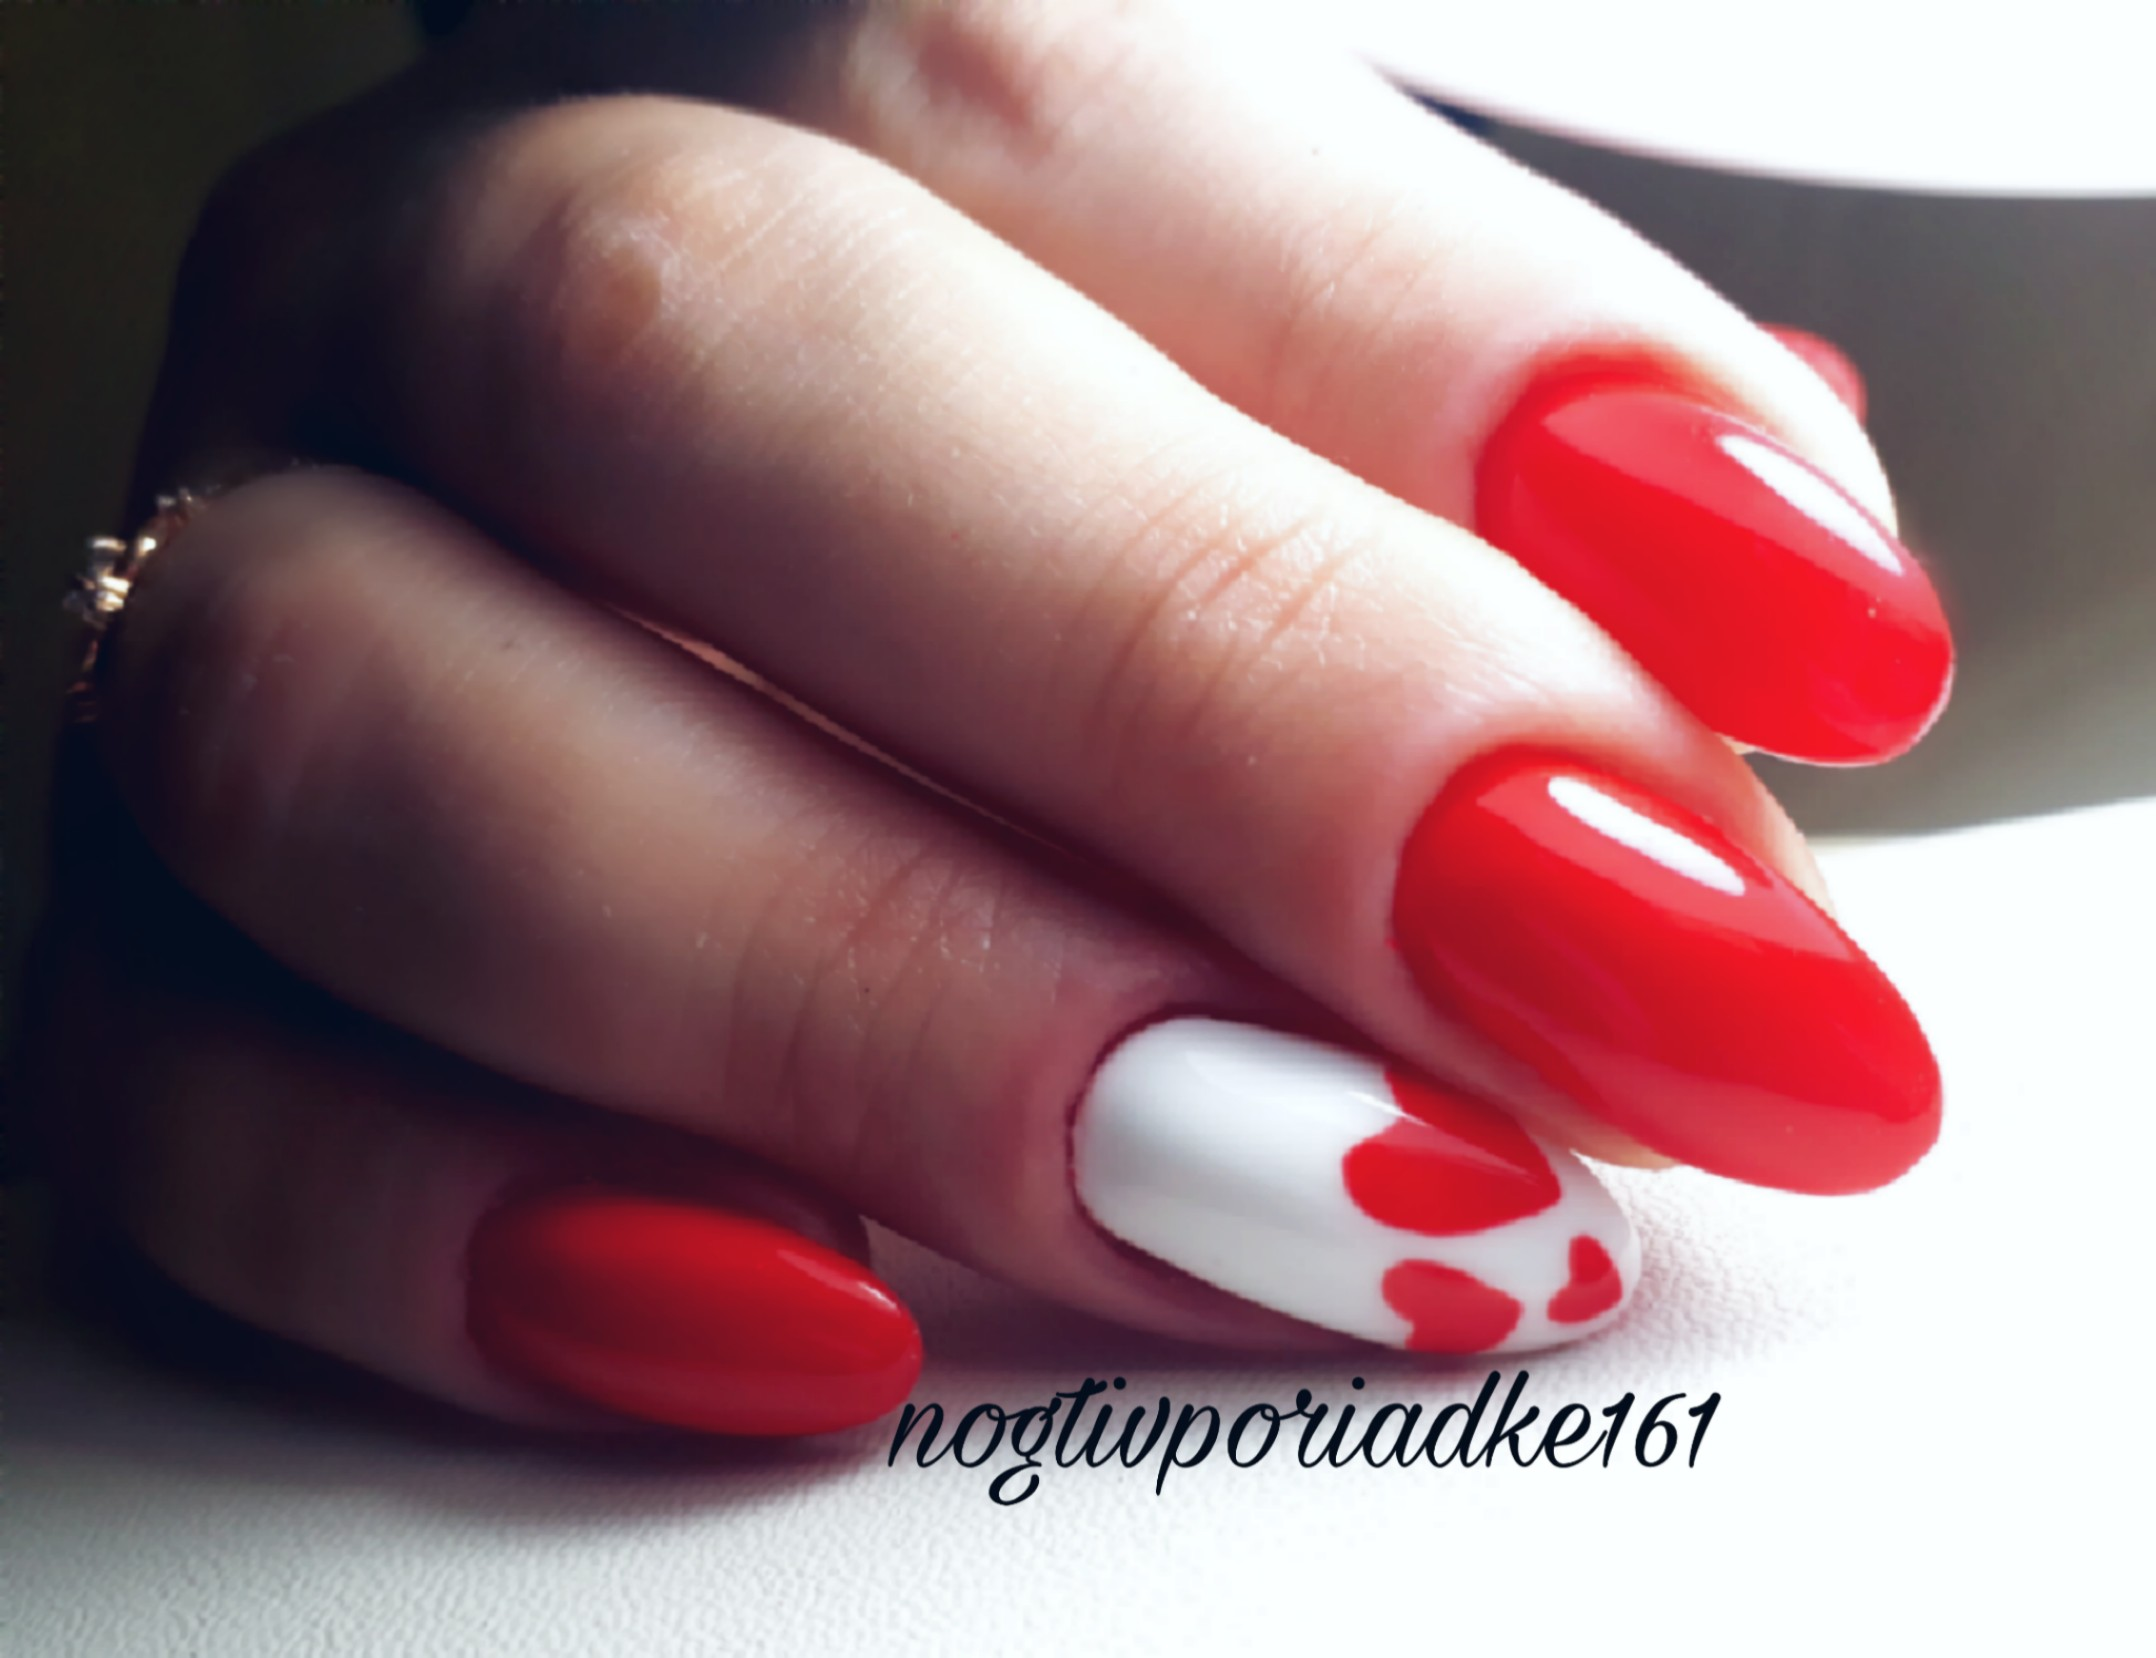 Маникюр с сердечками в красном цвете.